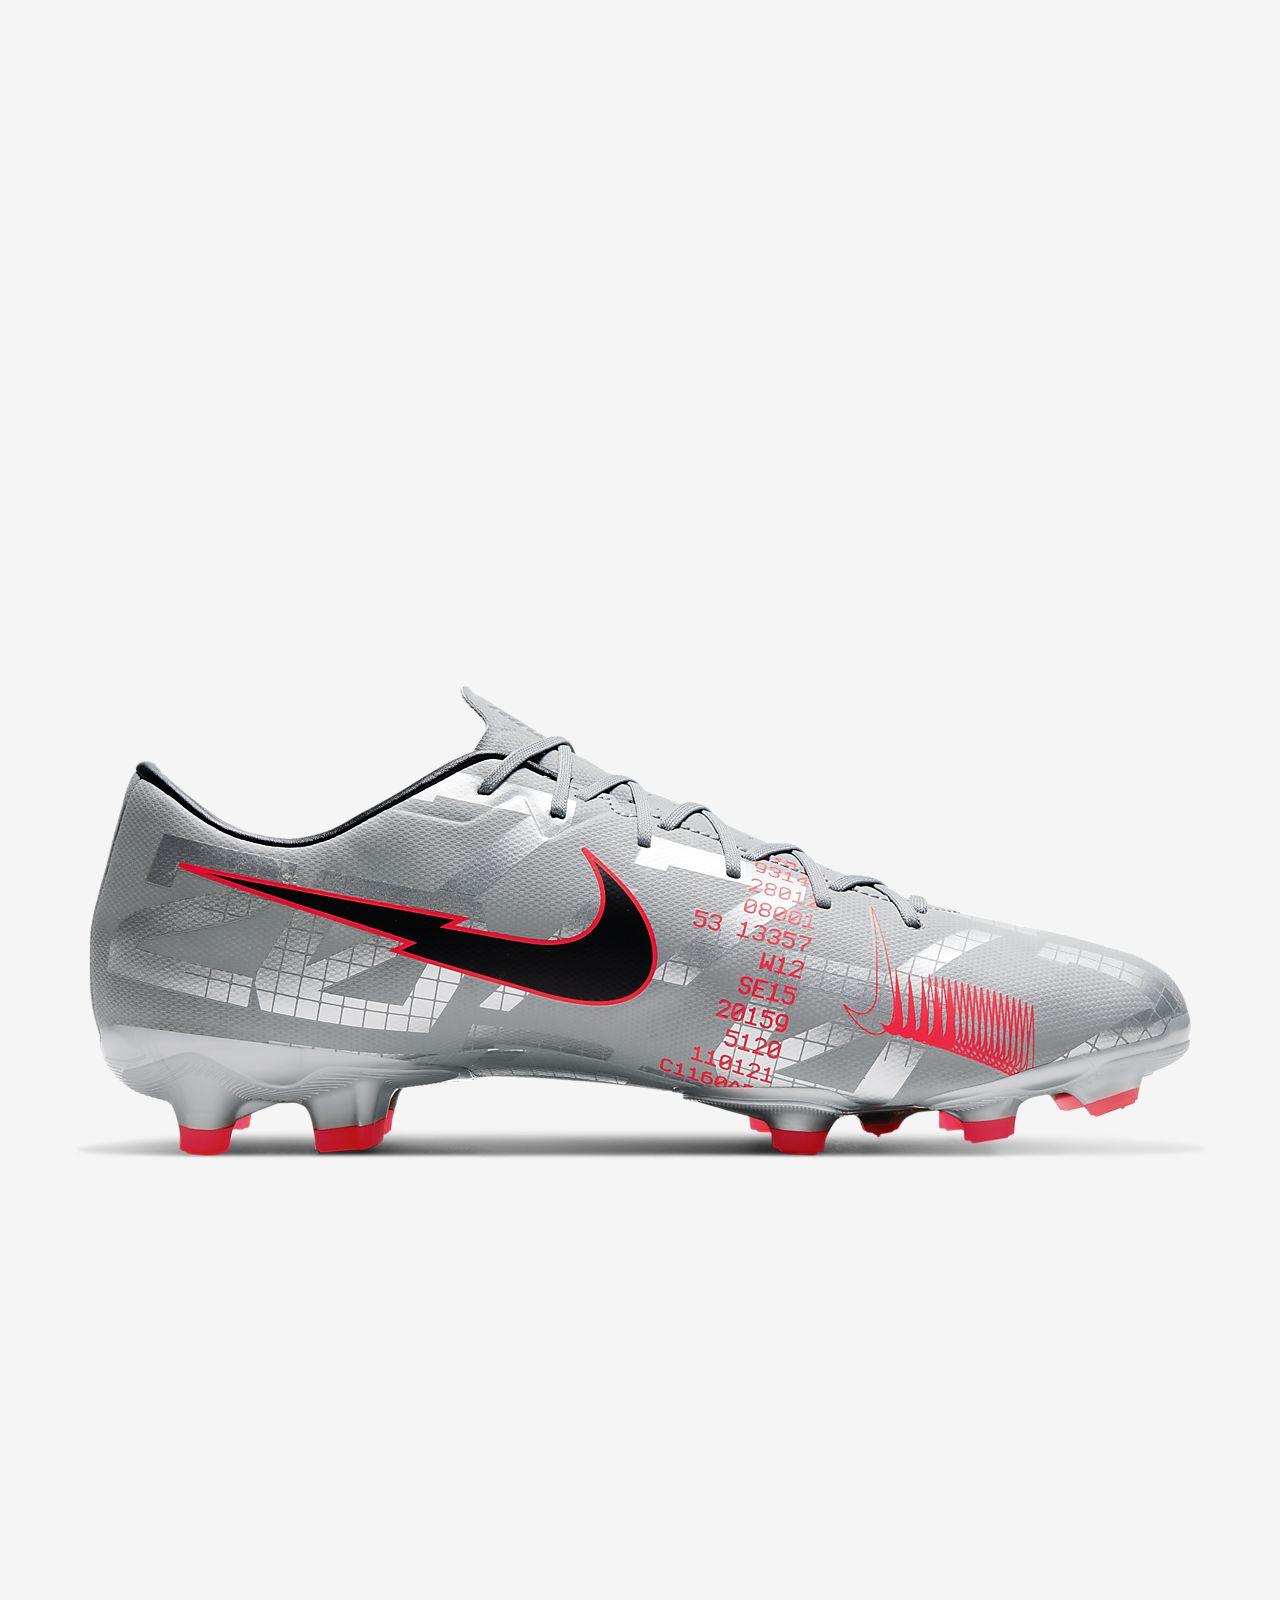 Nike Mercurial Vapor 13 Academy MG Voetbalschoen (meerdere ondergronden)